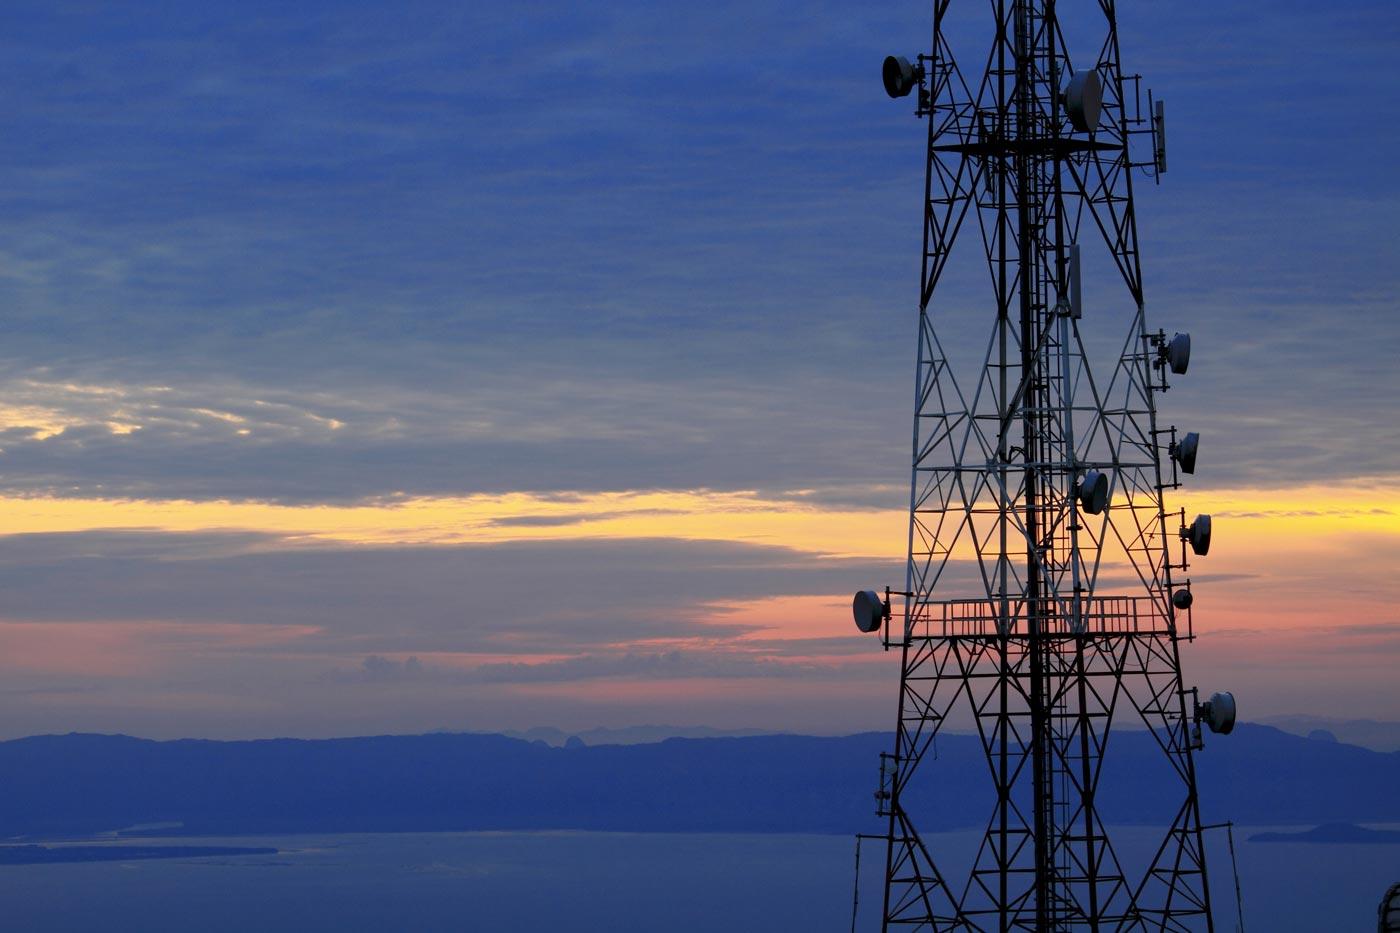 افزایش قیمت بستههای اینترنتی اپراتورهای موبایل